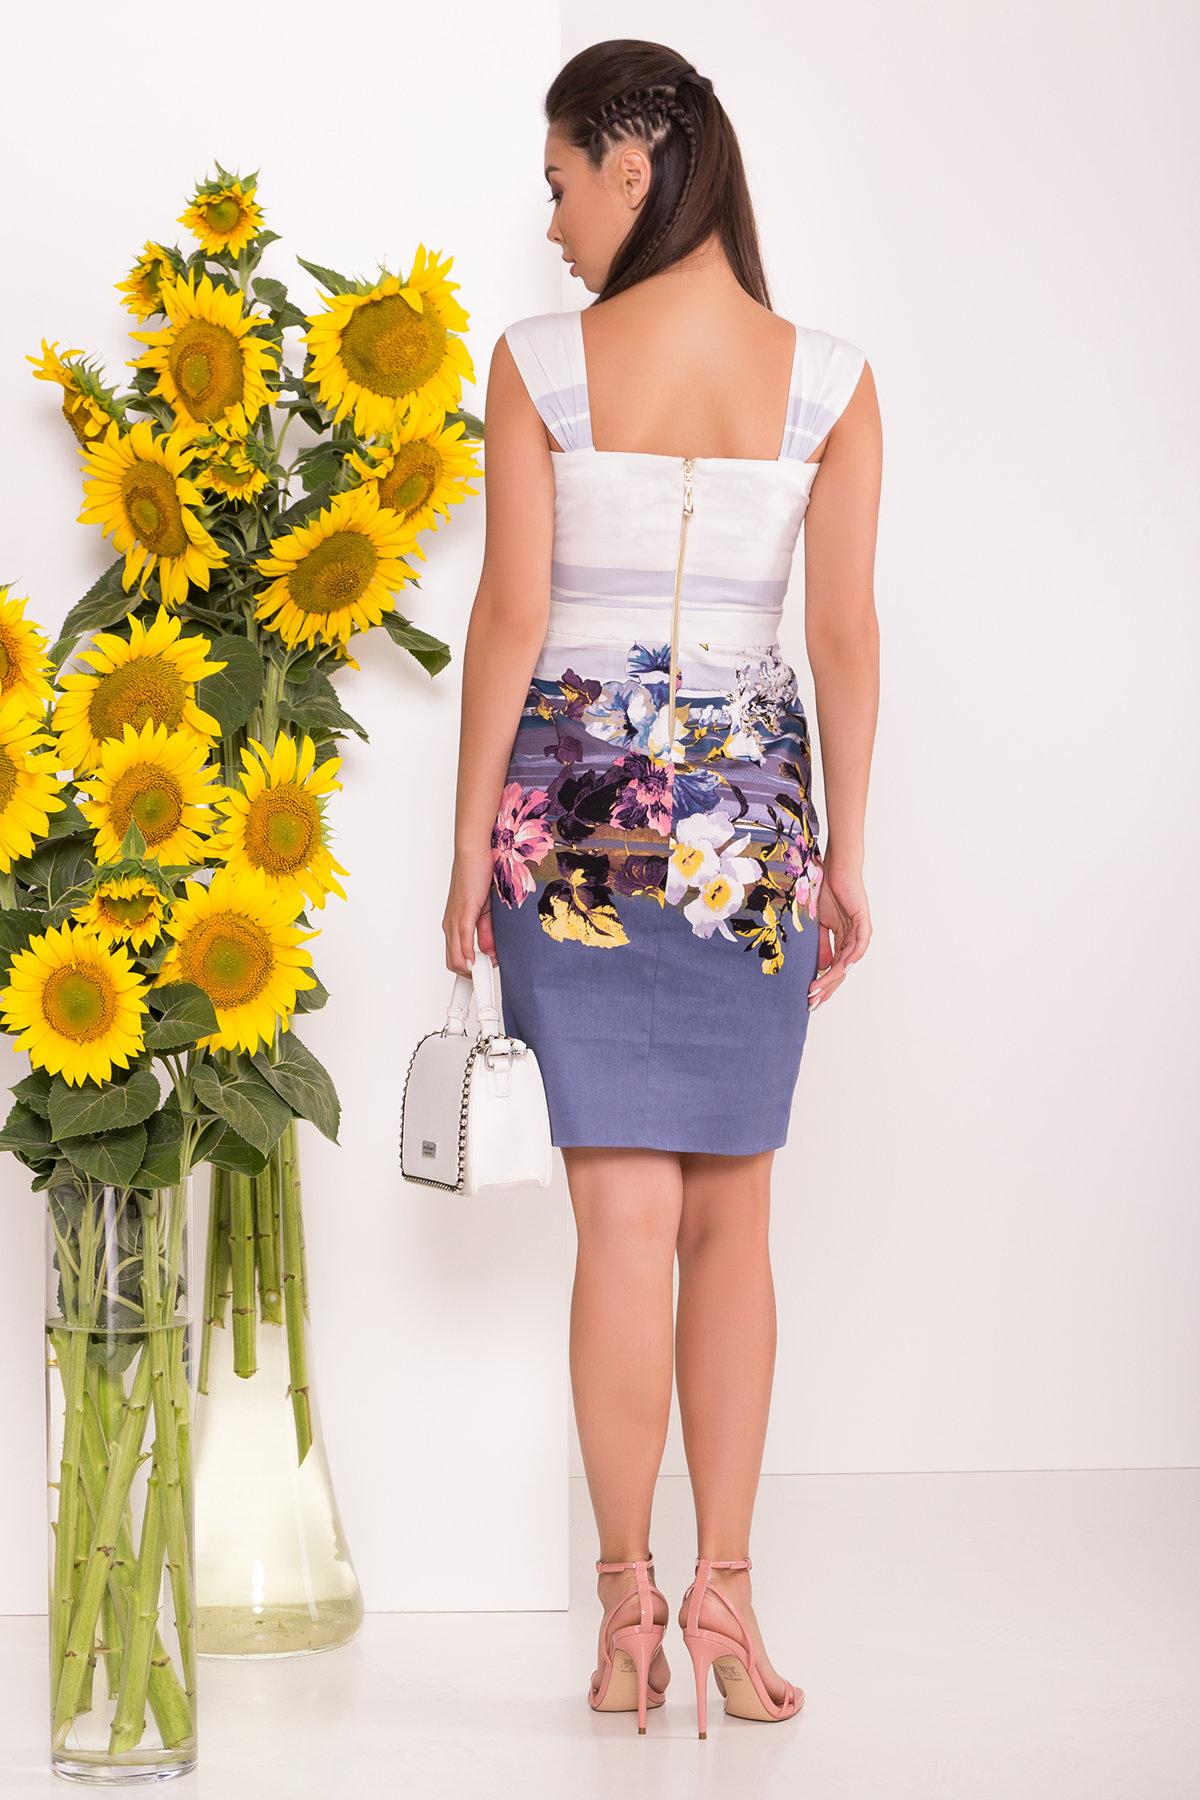 Платье Унгаро 7629 АРТ. 43554 Цвет: Цветы, т.серый/белый - фото 3, интернет магазин tm-modus.ru